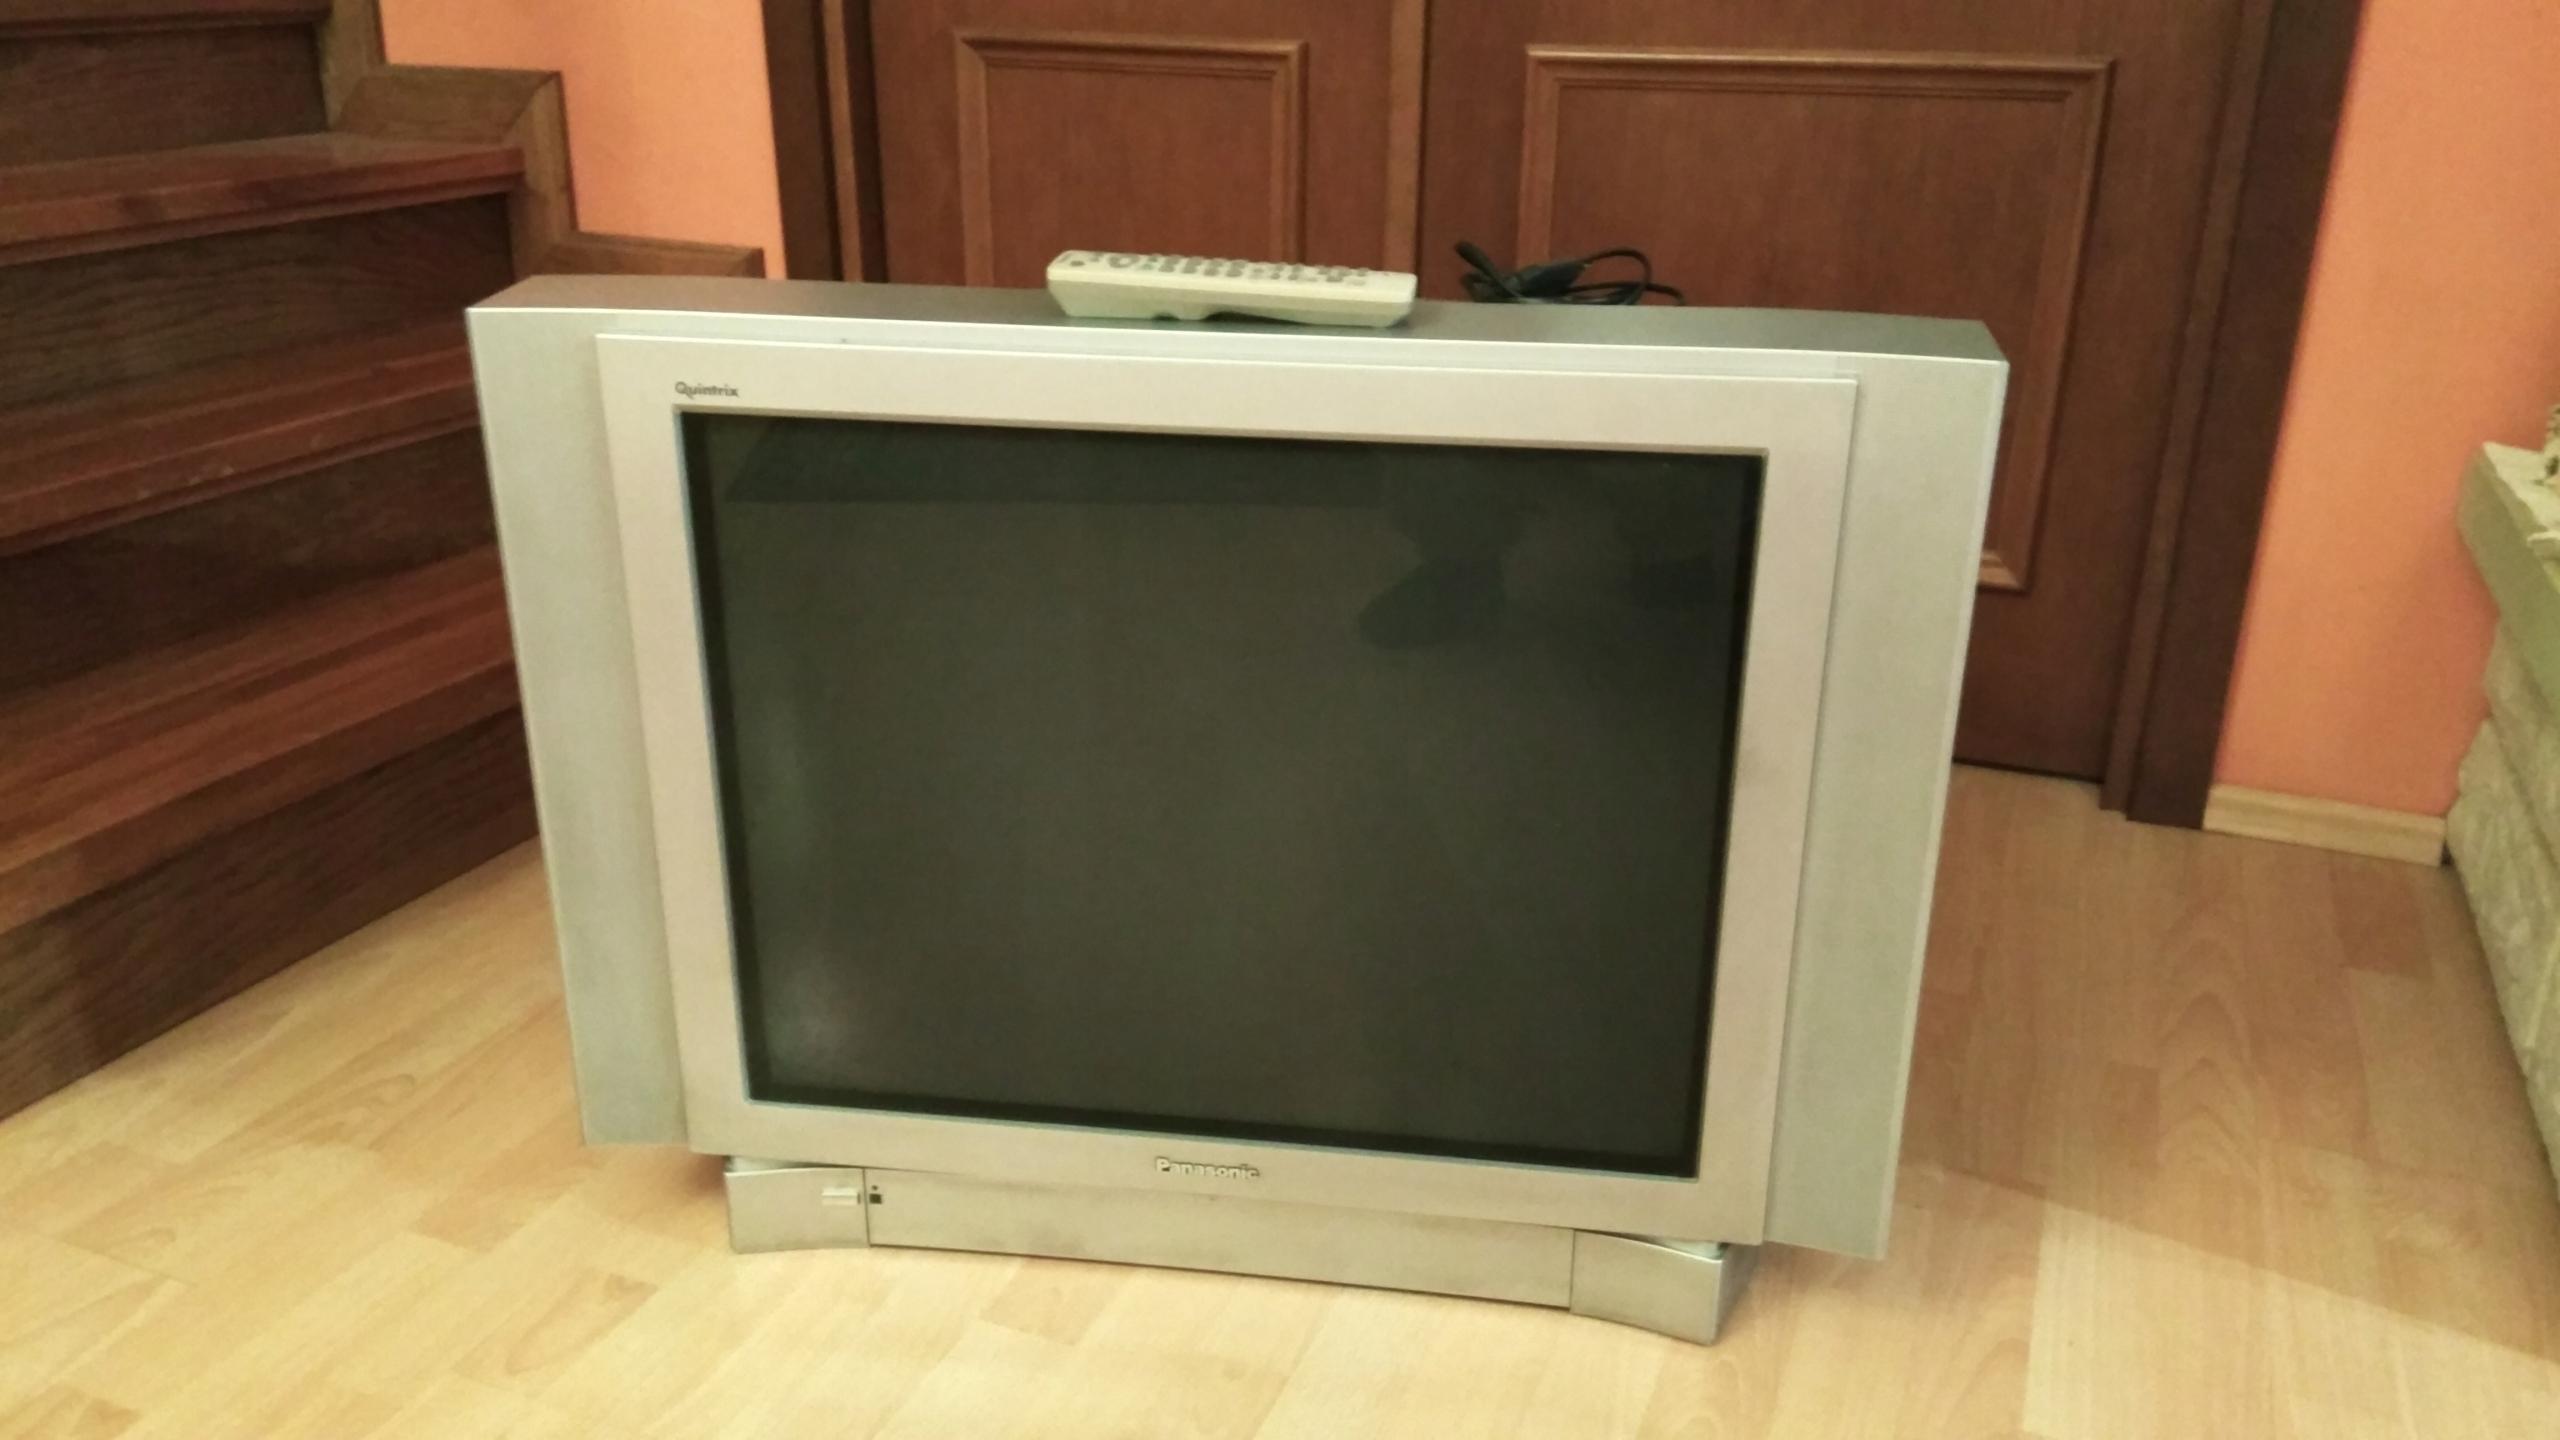 Telewizor 29 Panasonic TX-29PS1P 100Hz Poznań !!!